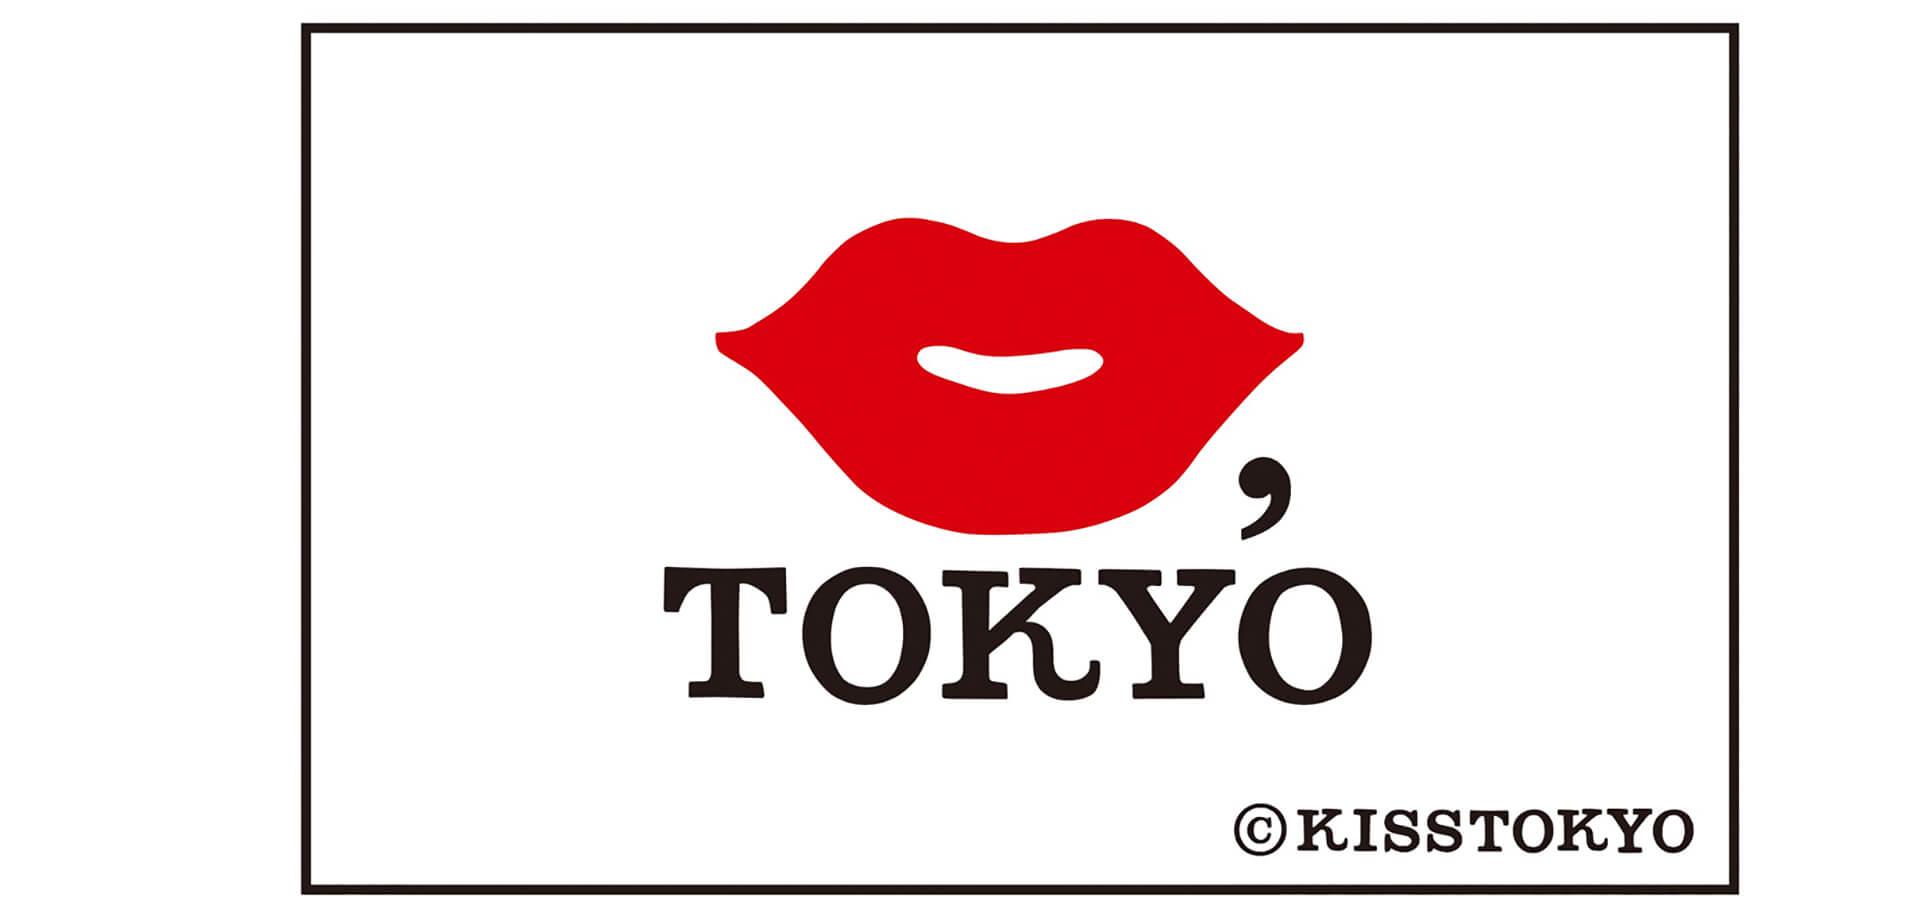 渋谷リバーストリート「KISS, TOKYO ベンチオブジェ」